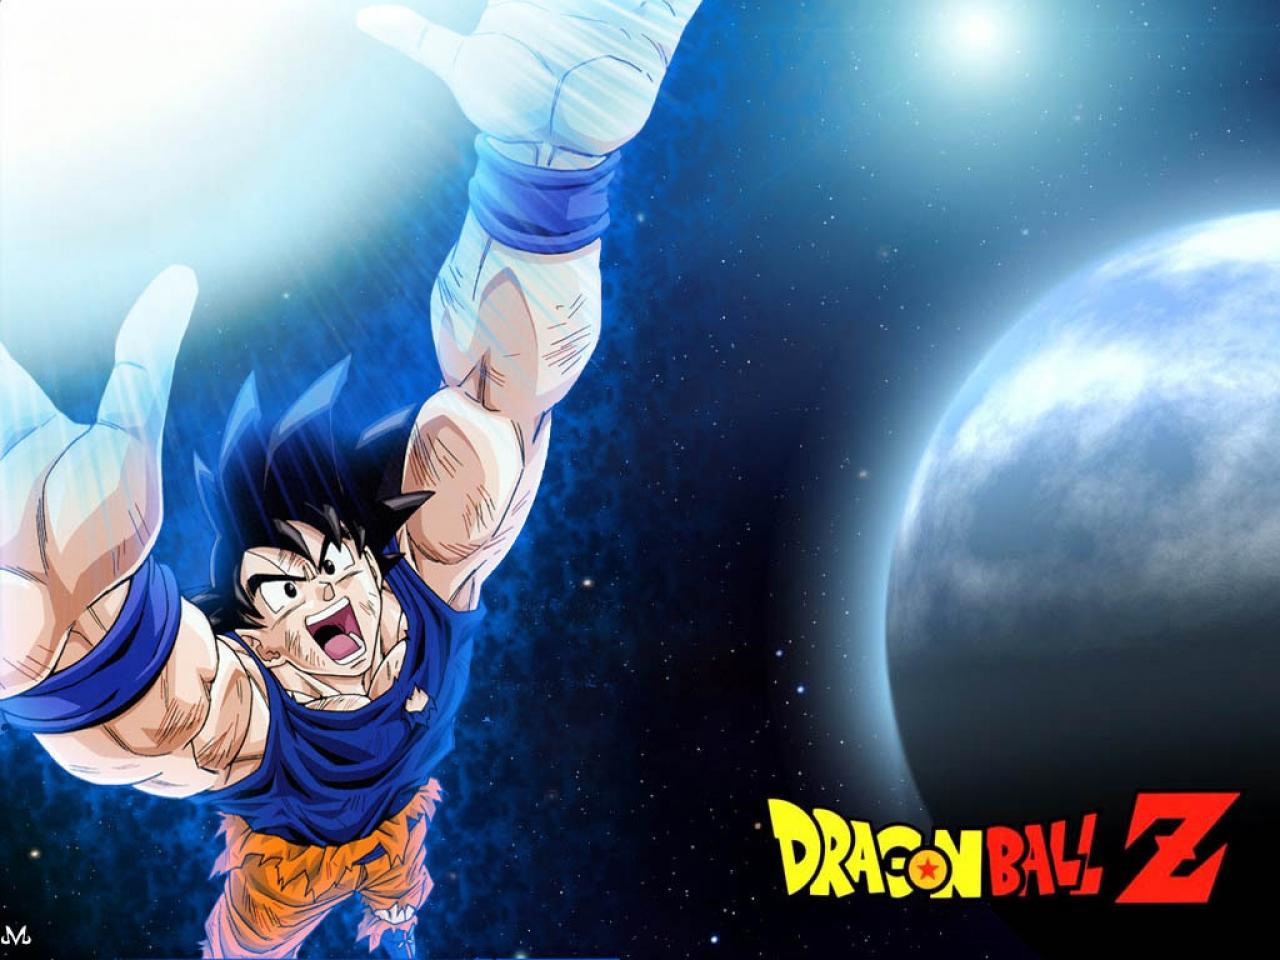 Son Goku Wallpaper 1280x960 Son Goku Dragon Ball Z 1280x960